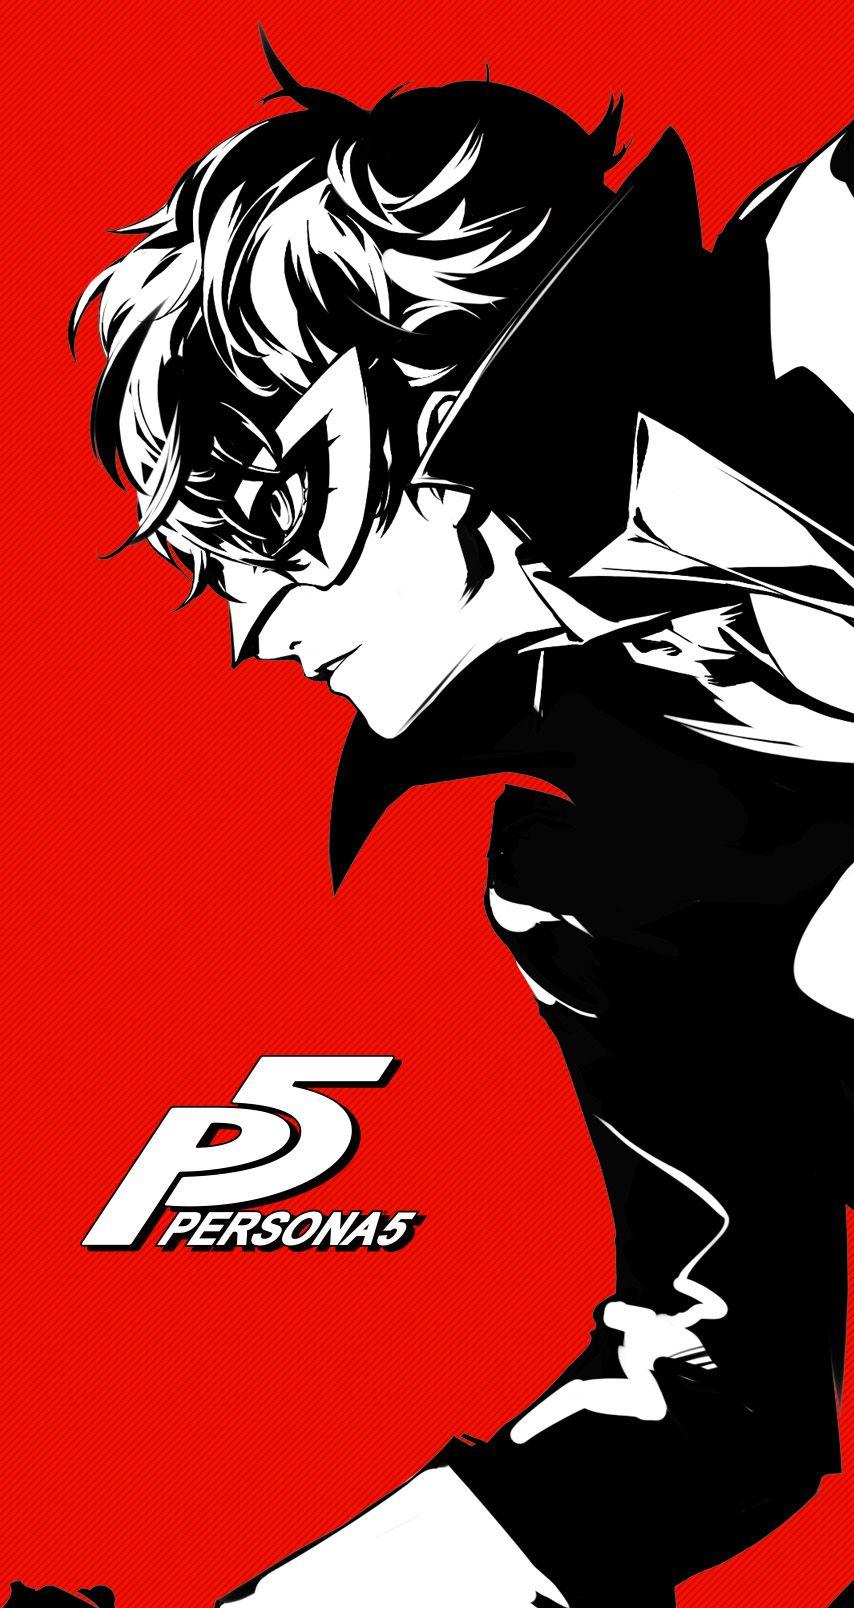 Persona 5 Joker Wallpaper Iphone